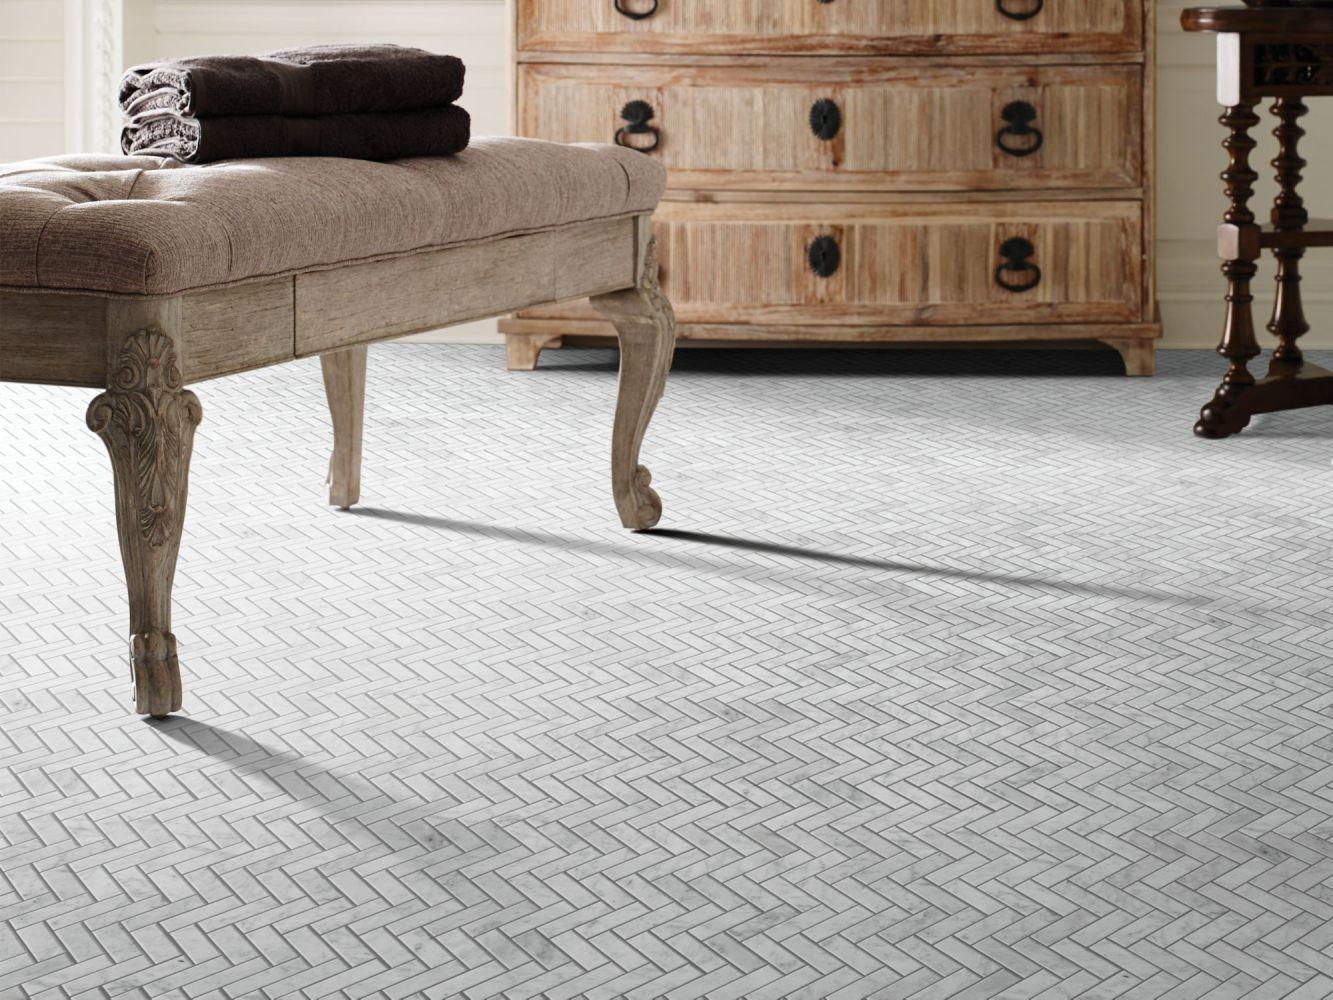 Shaw Floors Home Fn Gold Ceramic Estate Herringbone Mosaic Bianco Carrara 00150_TGN88